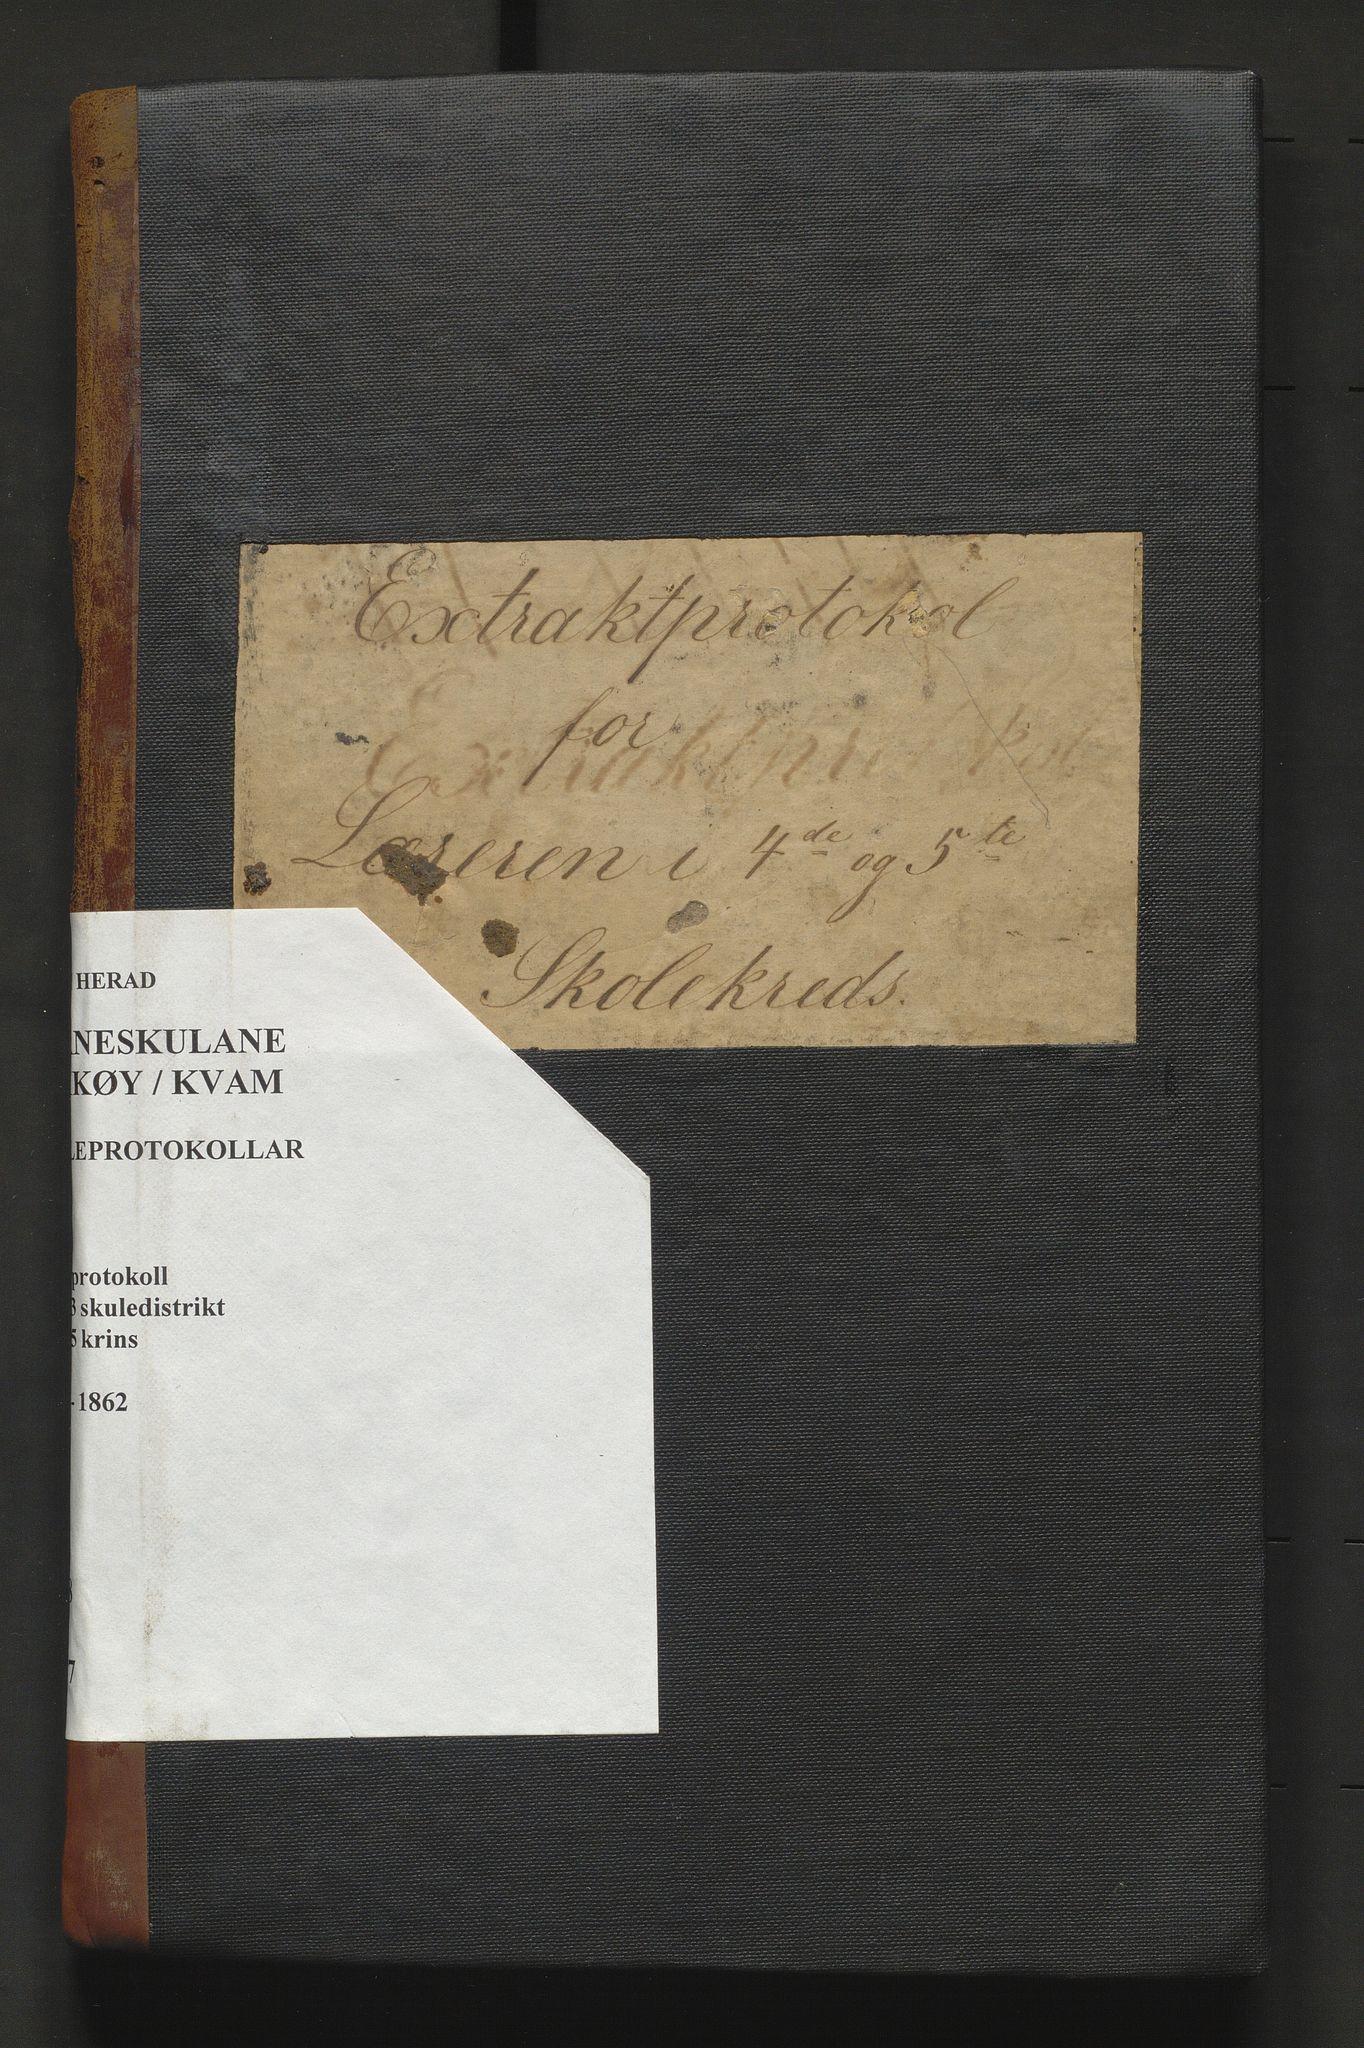 IKAH, Kvam herad. Barneskulane, F/Fa/L0007: Skuleprotokoll for læraren i Vikøy prestegjeld 2. skuledistrikt og 3. skuledistrikt, 4. og 5. krins, 1833-1862